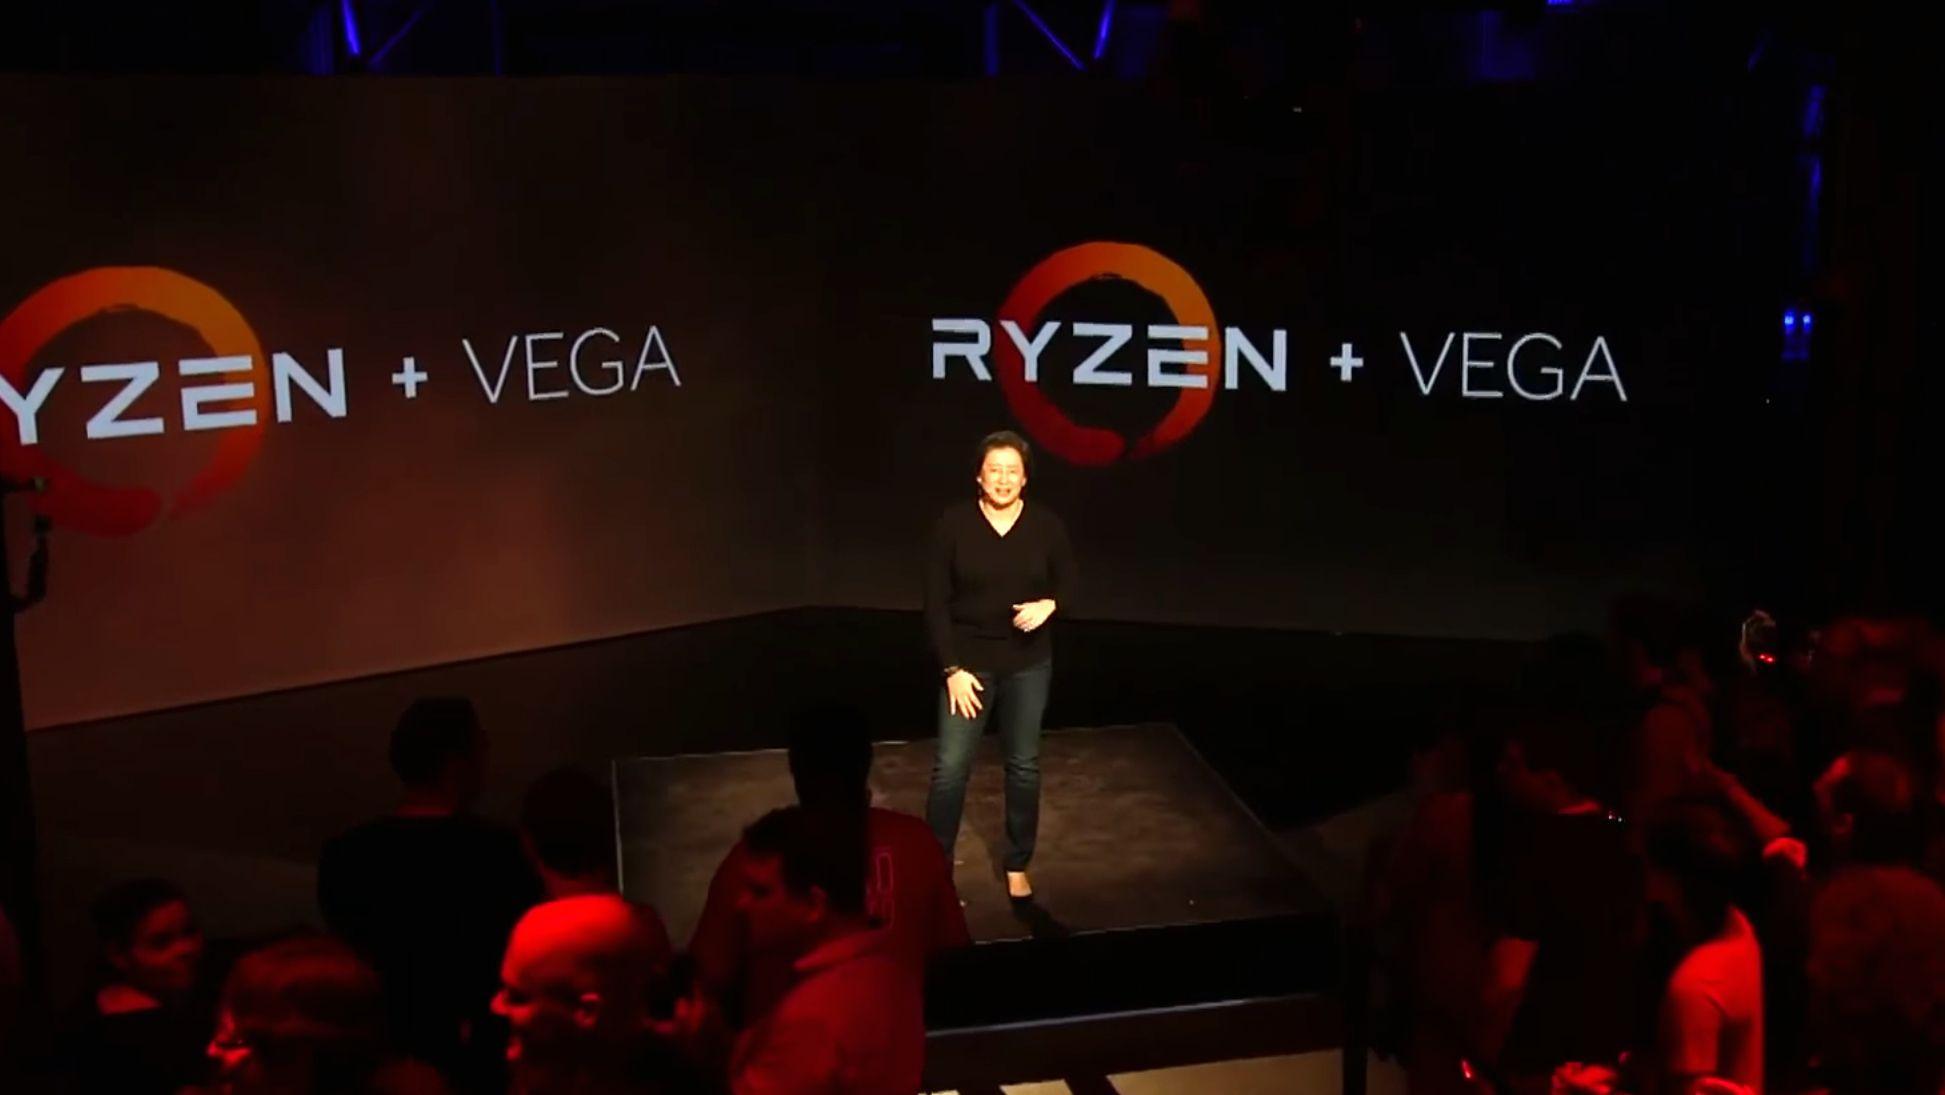 Et Vega-basert grafikkort demonstreres for første gang under AMDs Ryzen-annonsering på tampen av fjoråret.